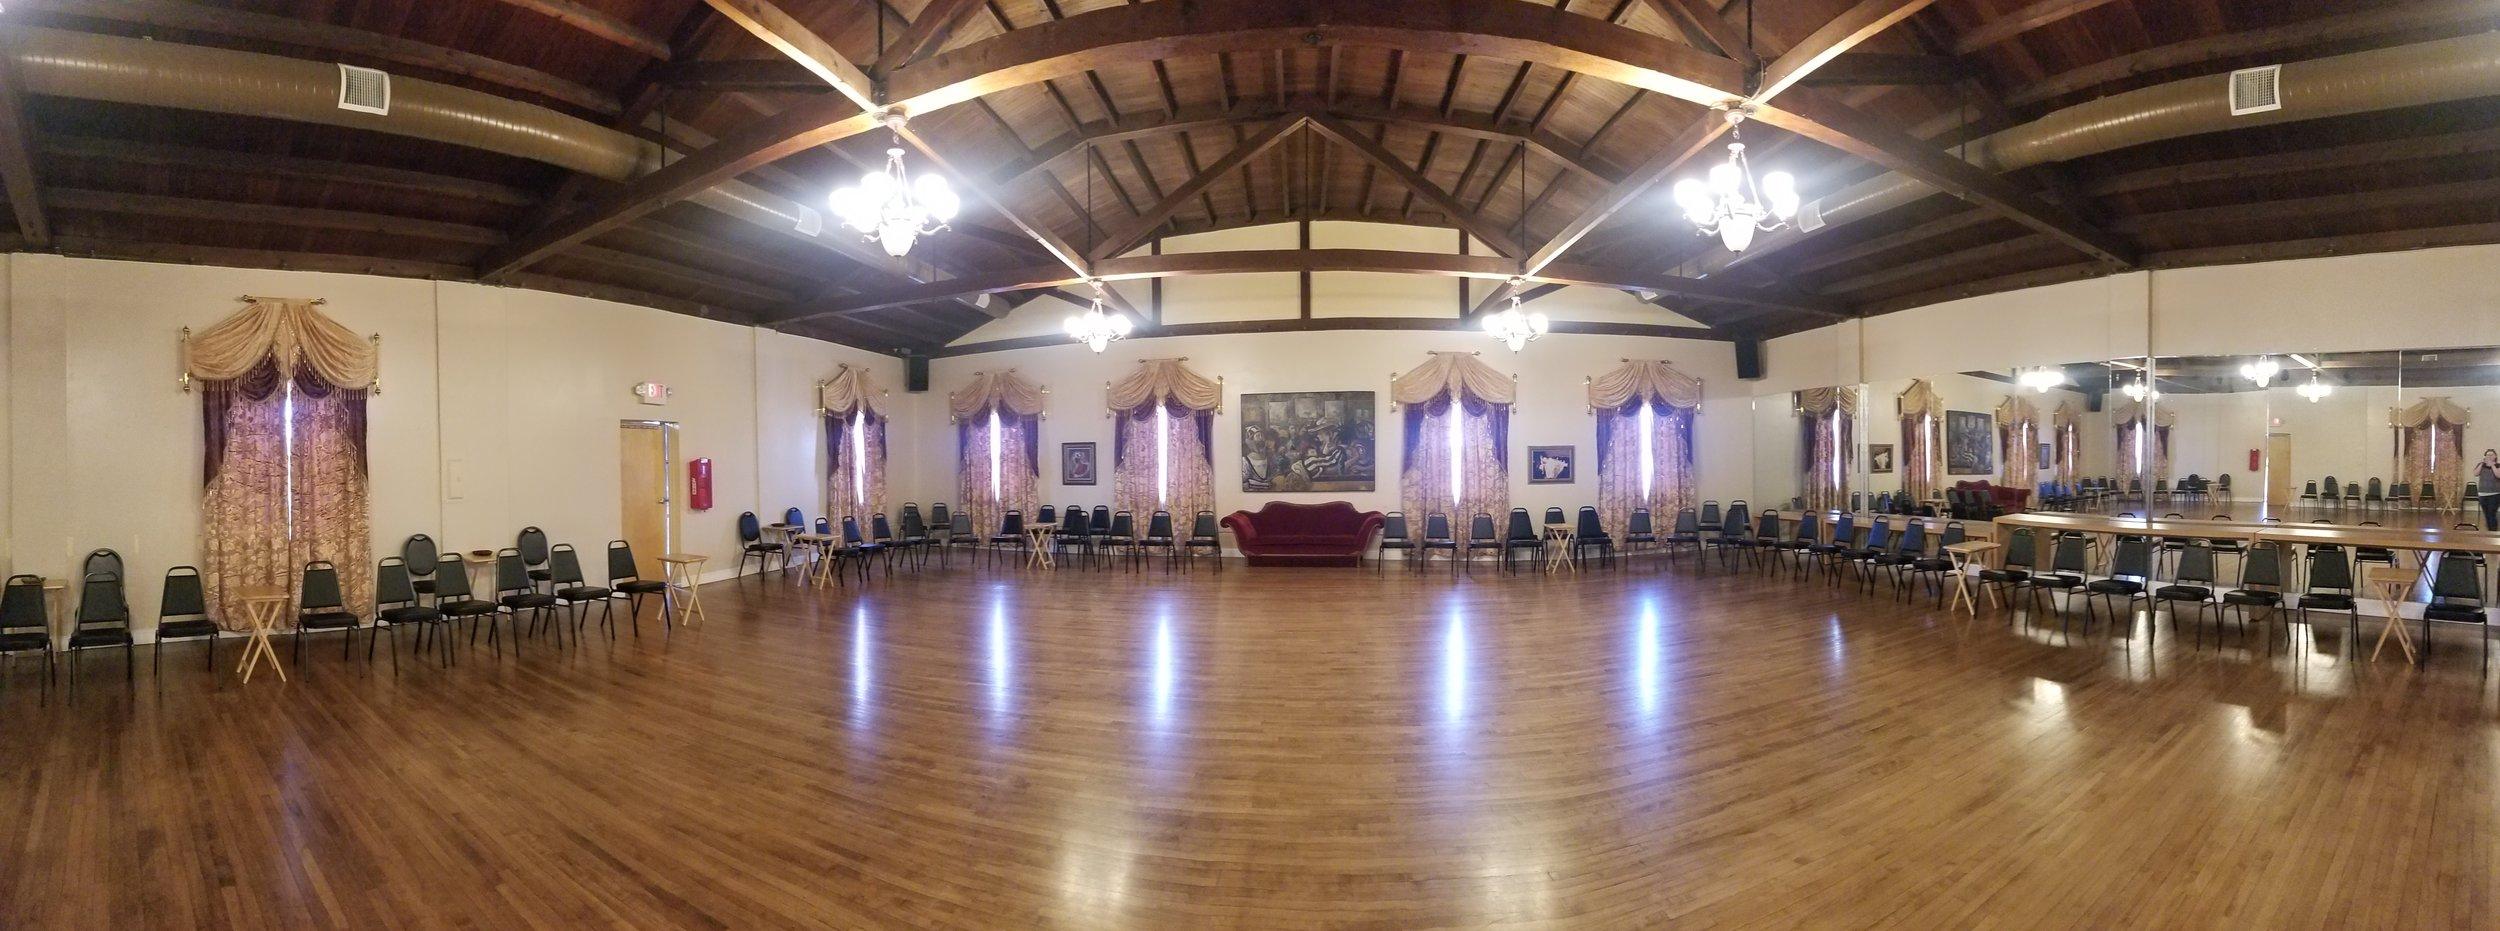 Ballroom Floor.jpg